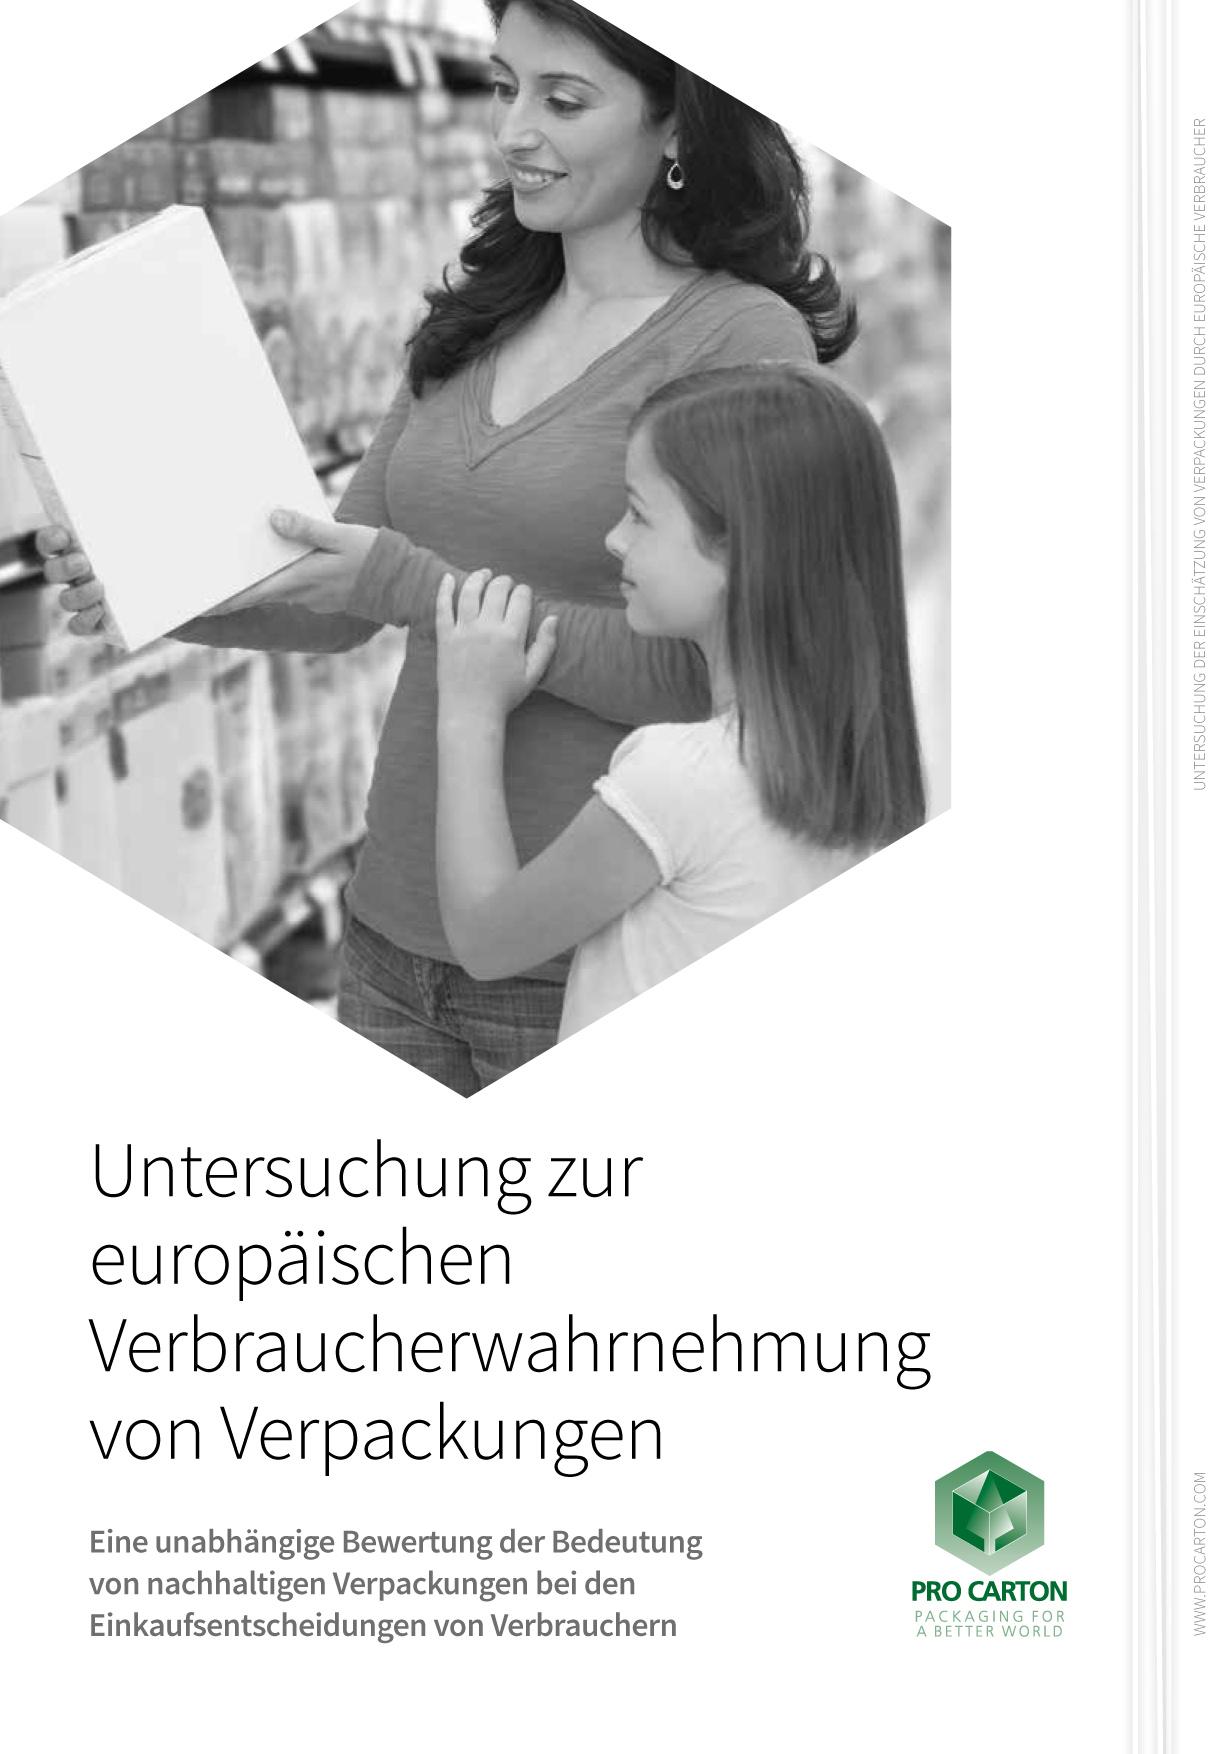 Untersuchung zur europäischen Verbraucherwahrnehmung von Verpackungen